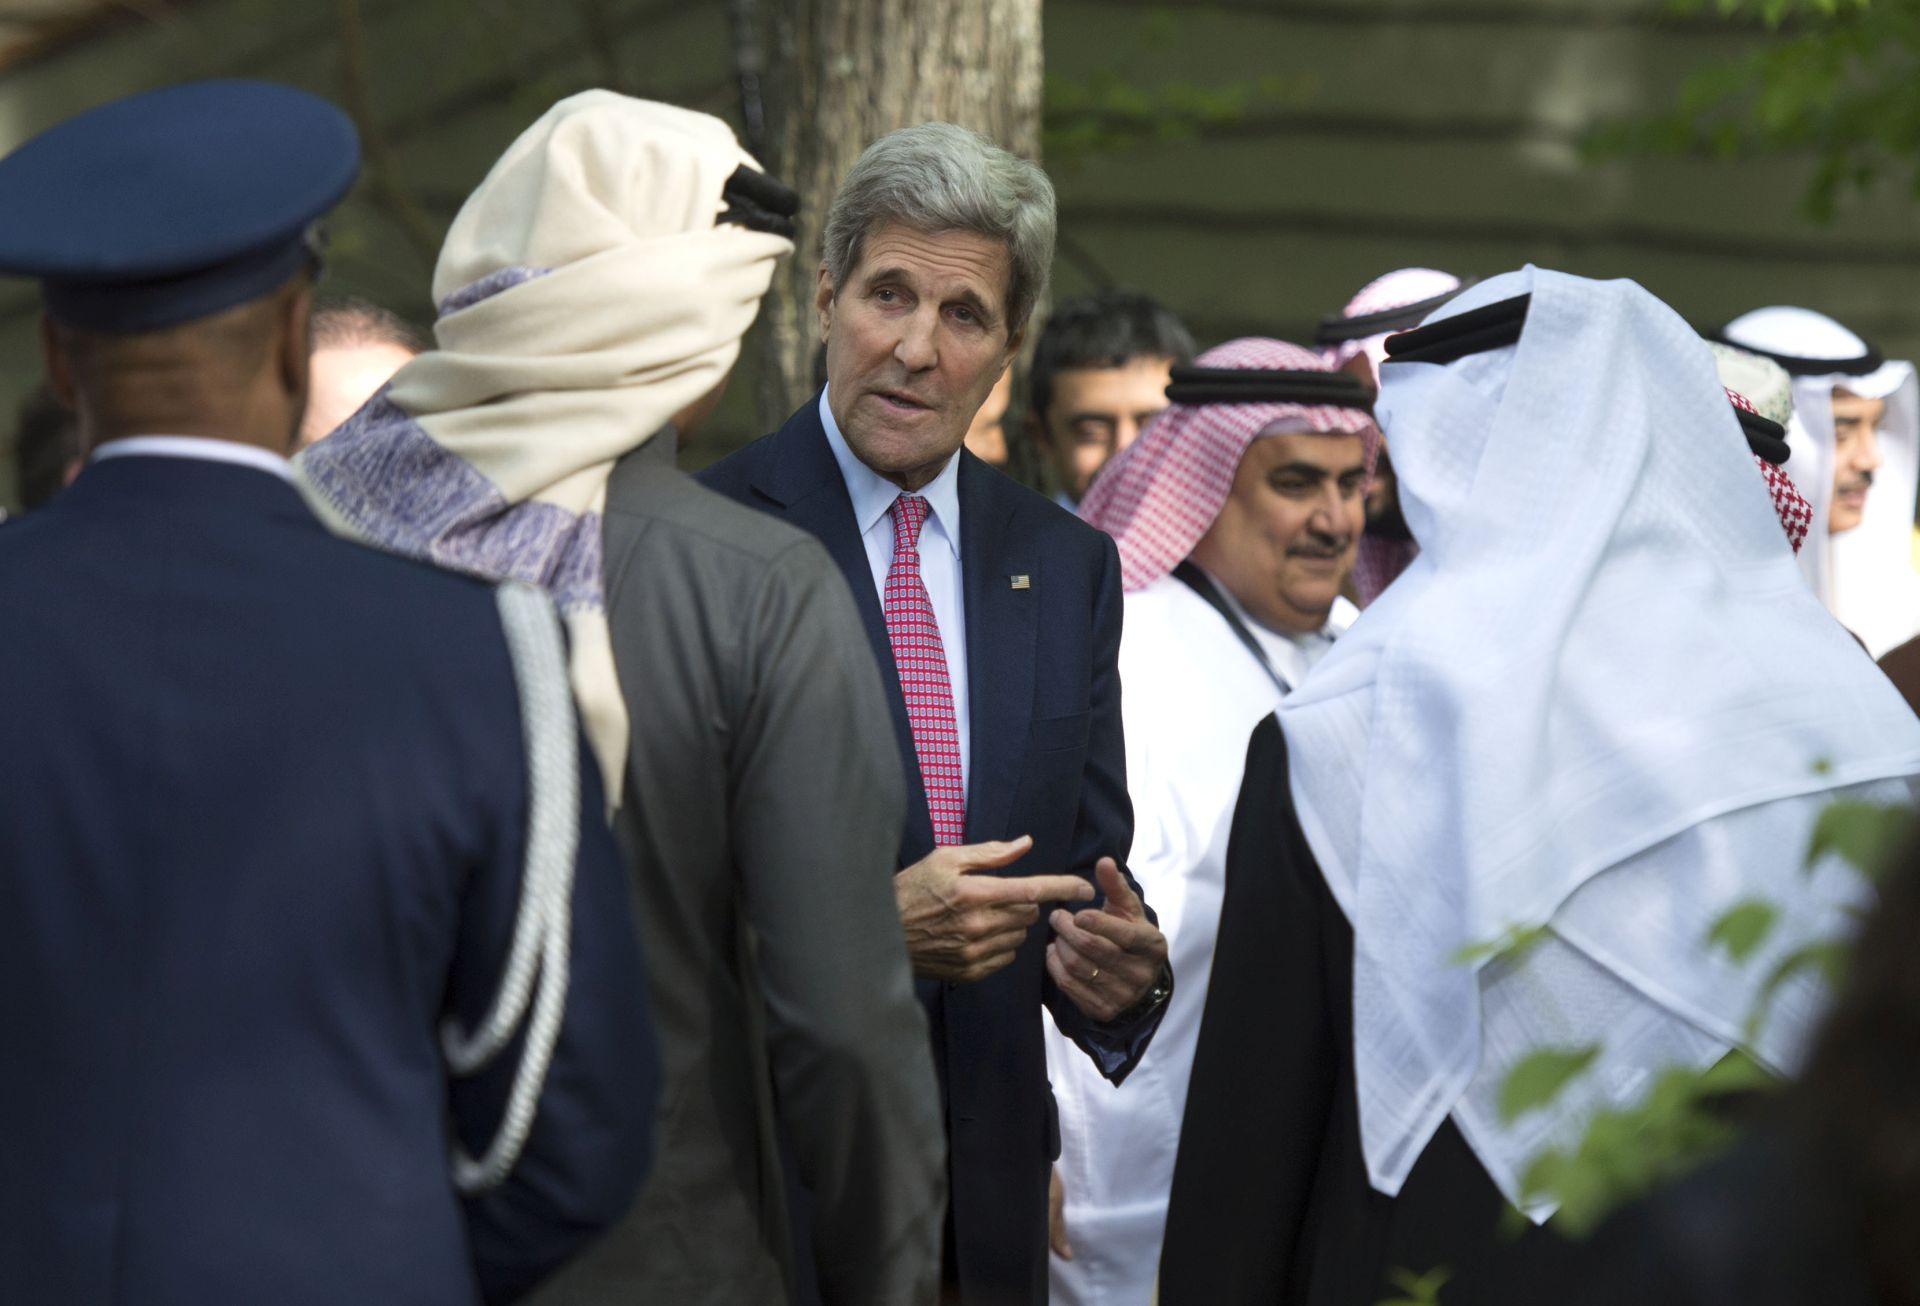 KRAJ PREGOVORA Iran i šest sila dogovorili povijesni nuklearni sporazum